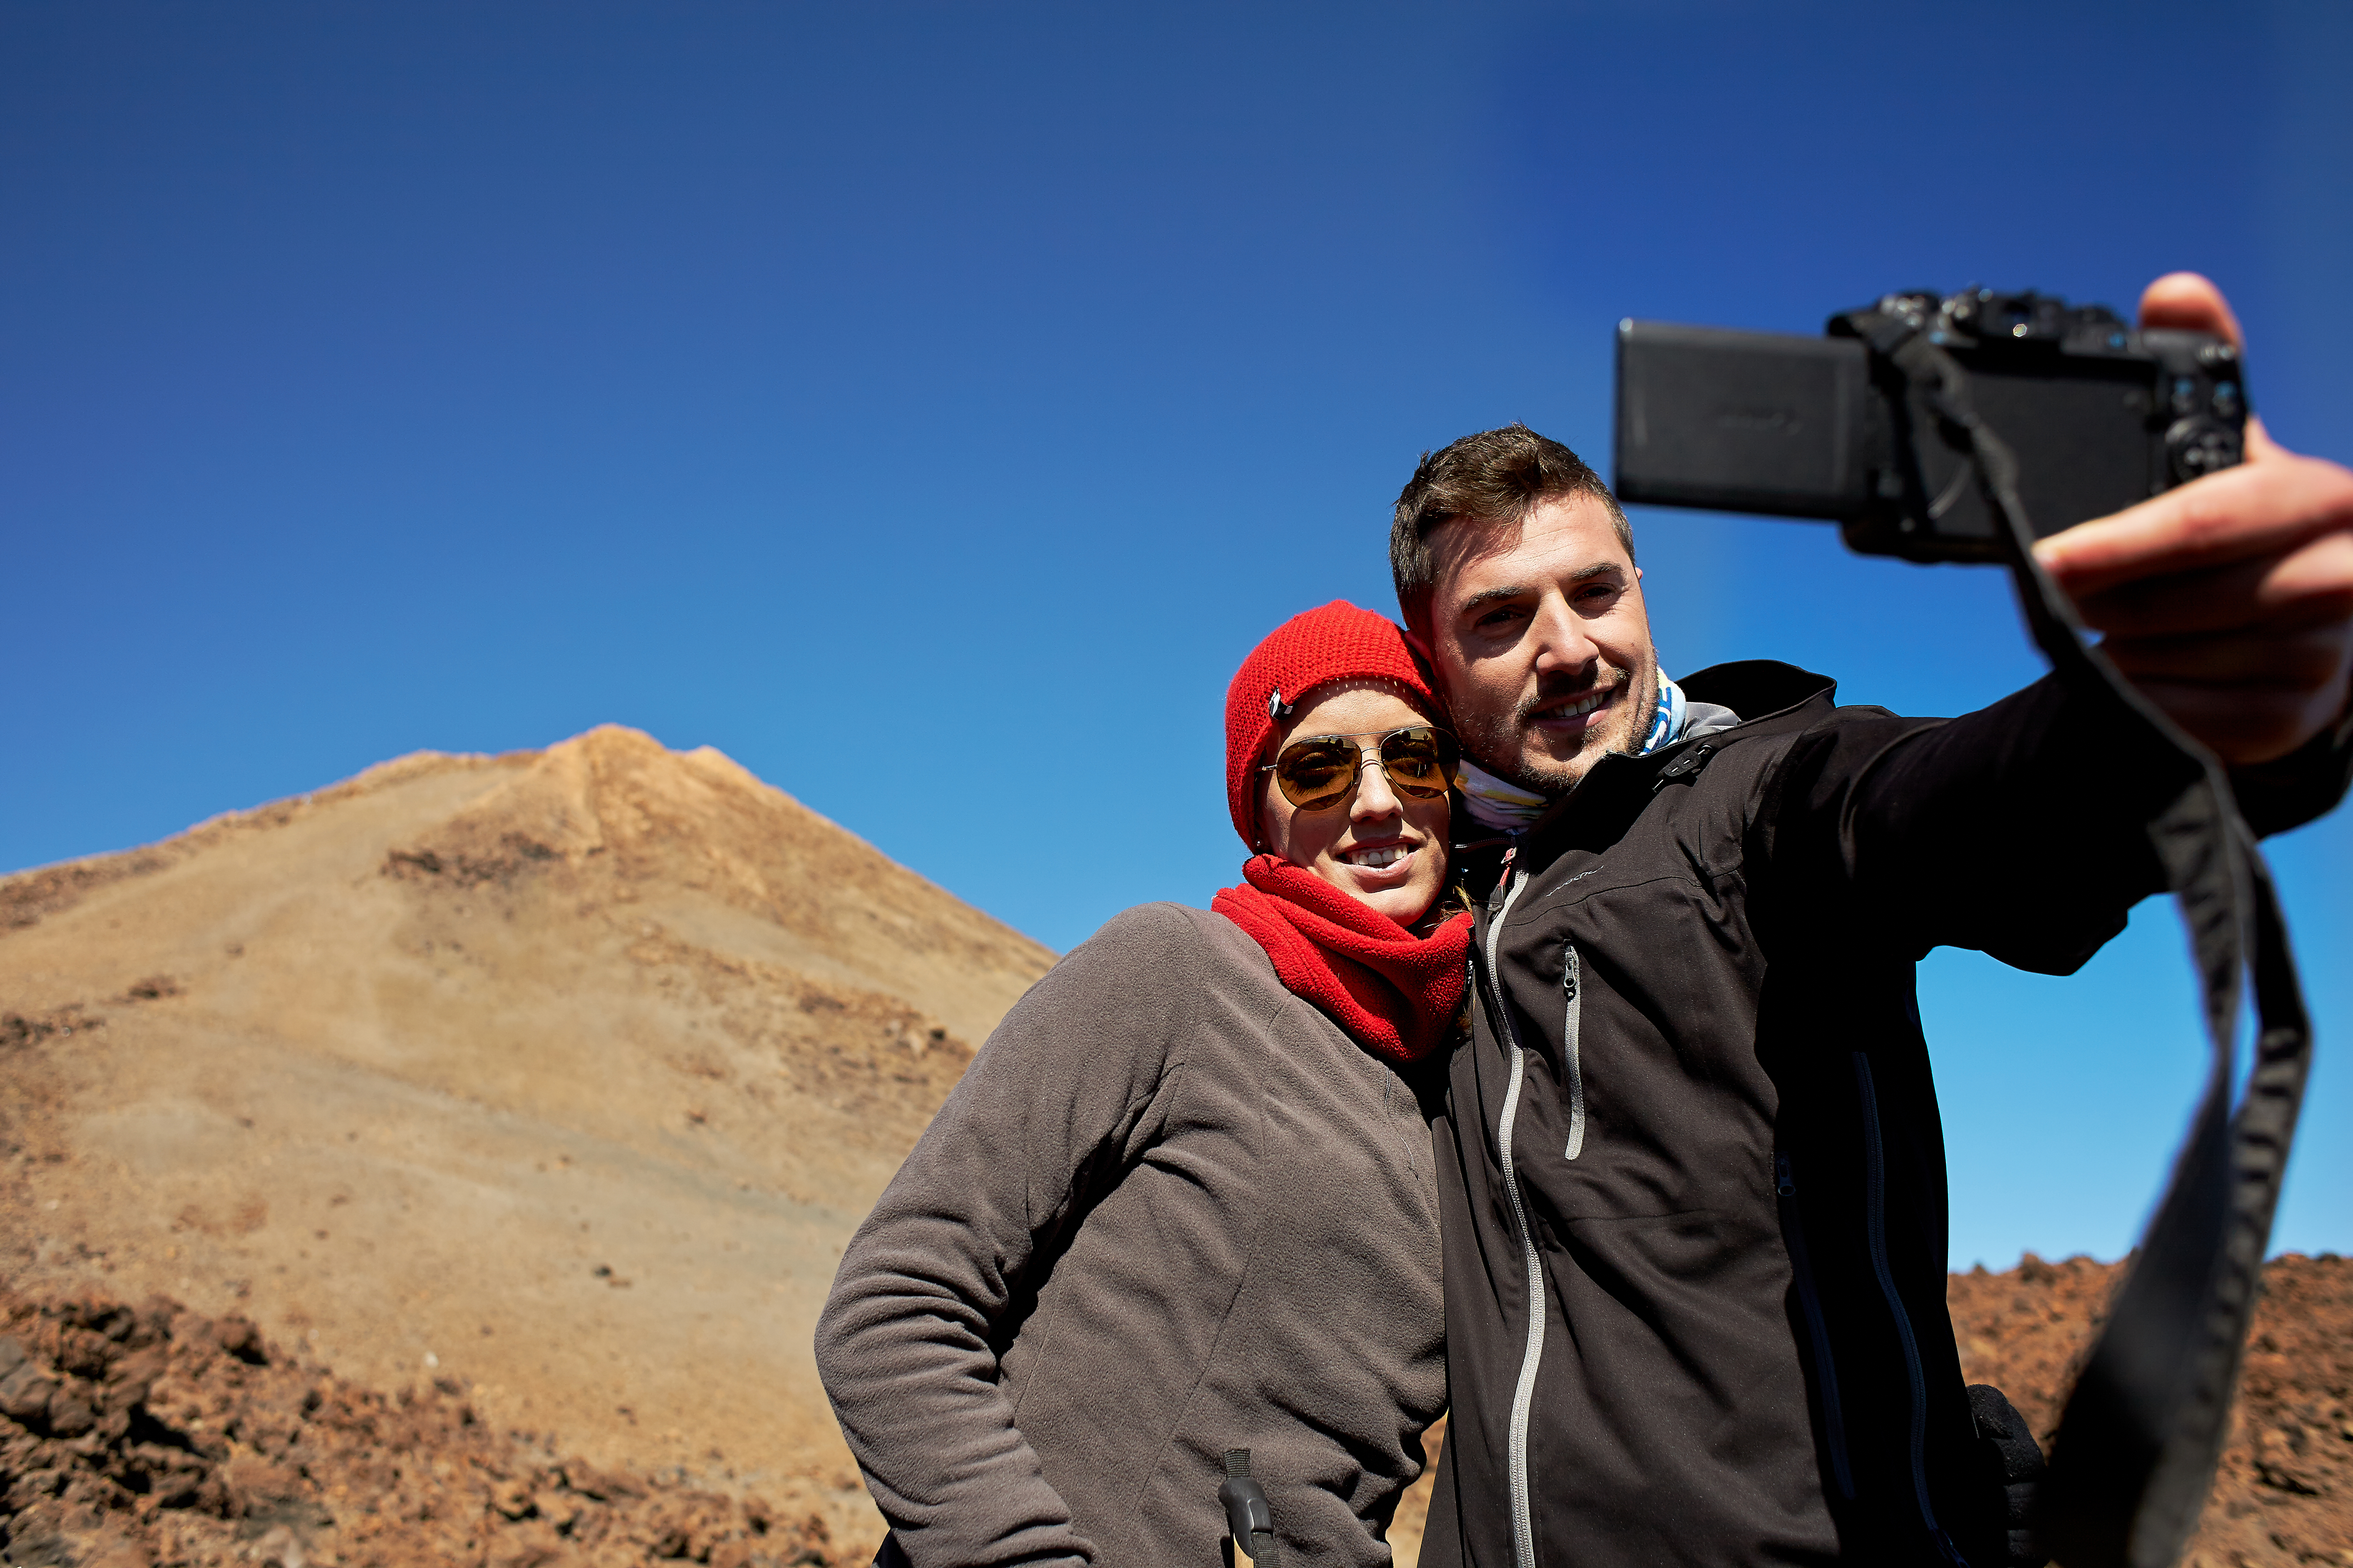 Visite guidate sul Teide per esploratori